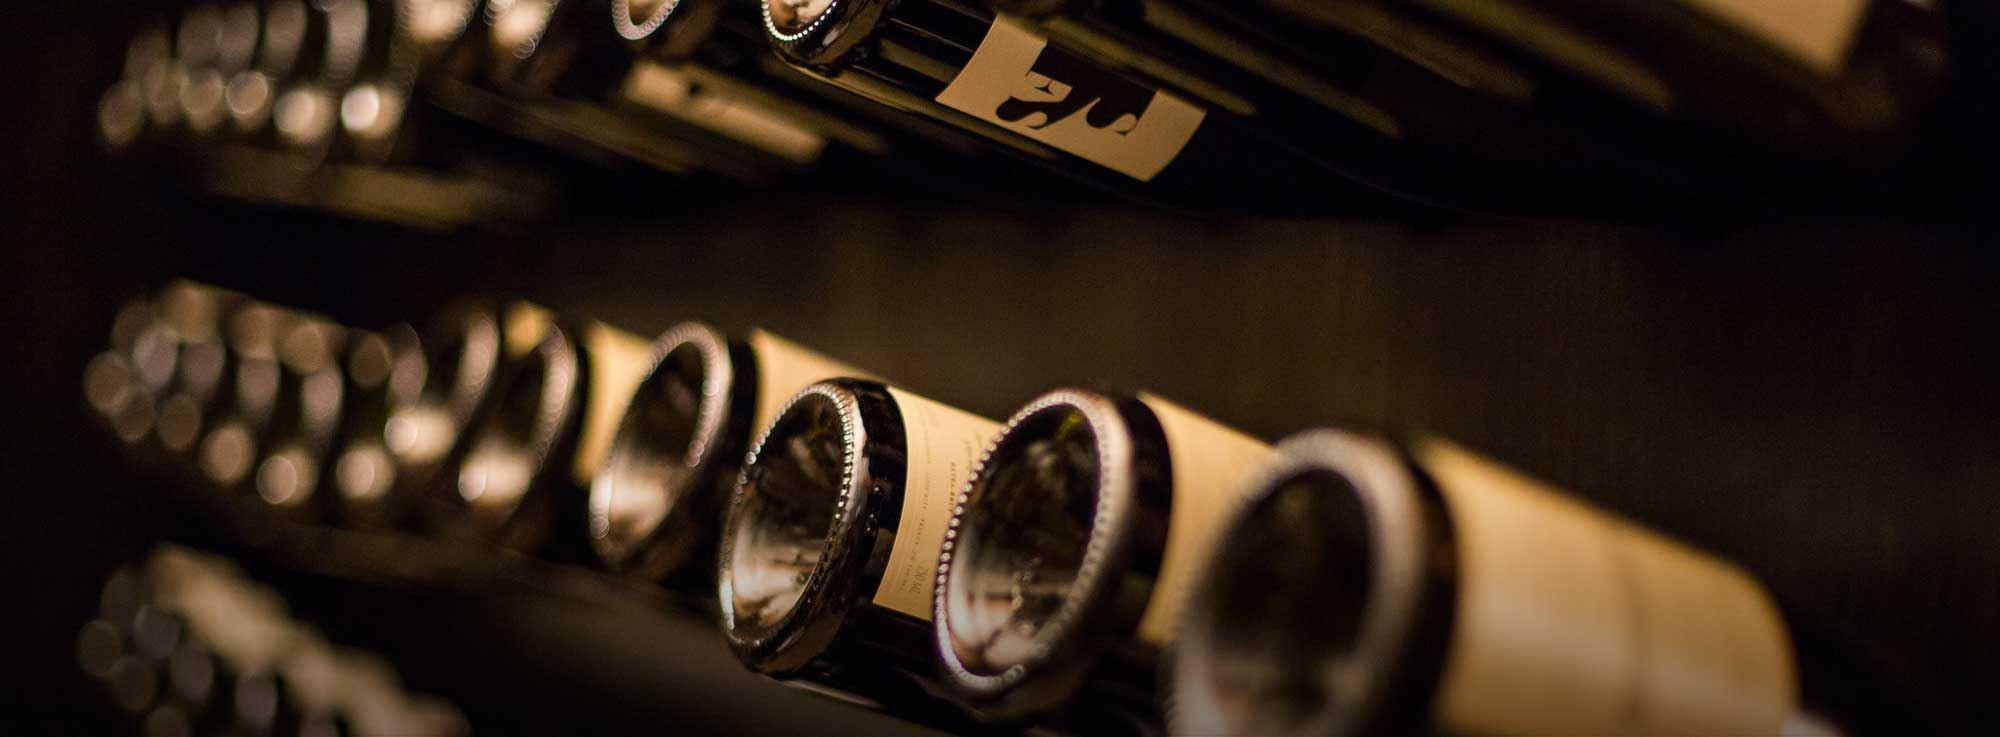 Cisternino: Vini e Vinili